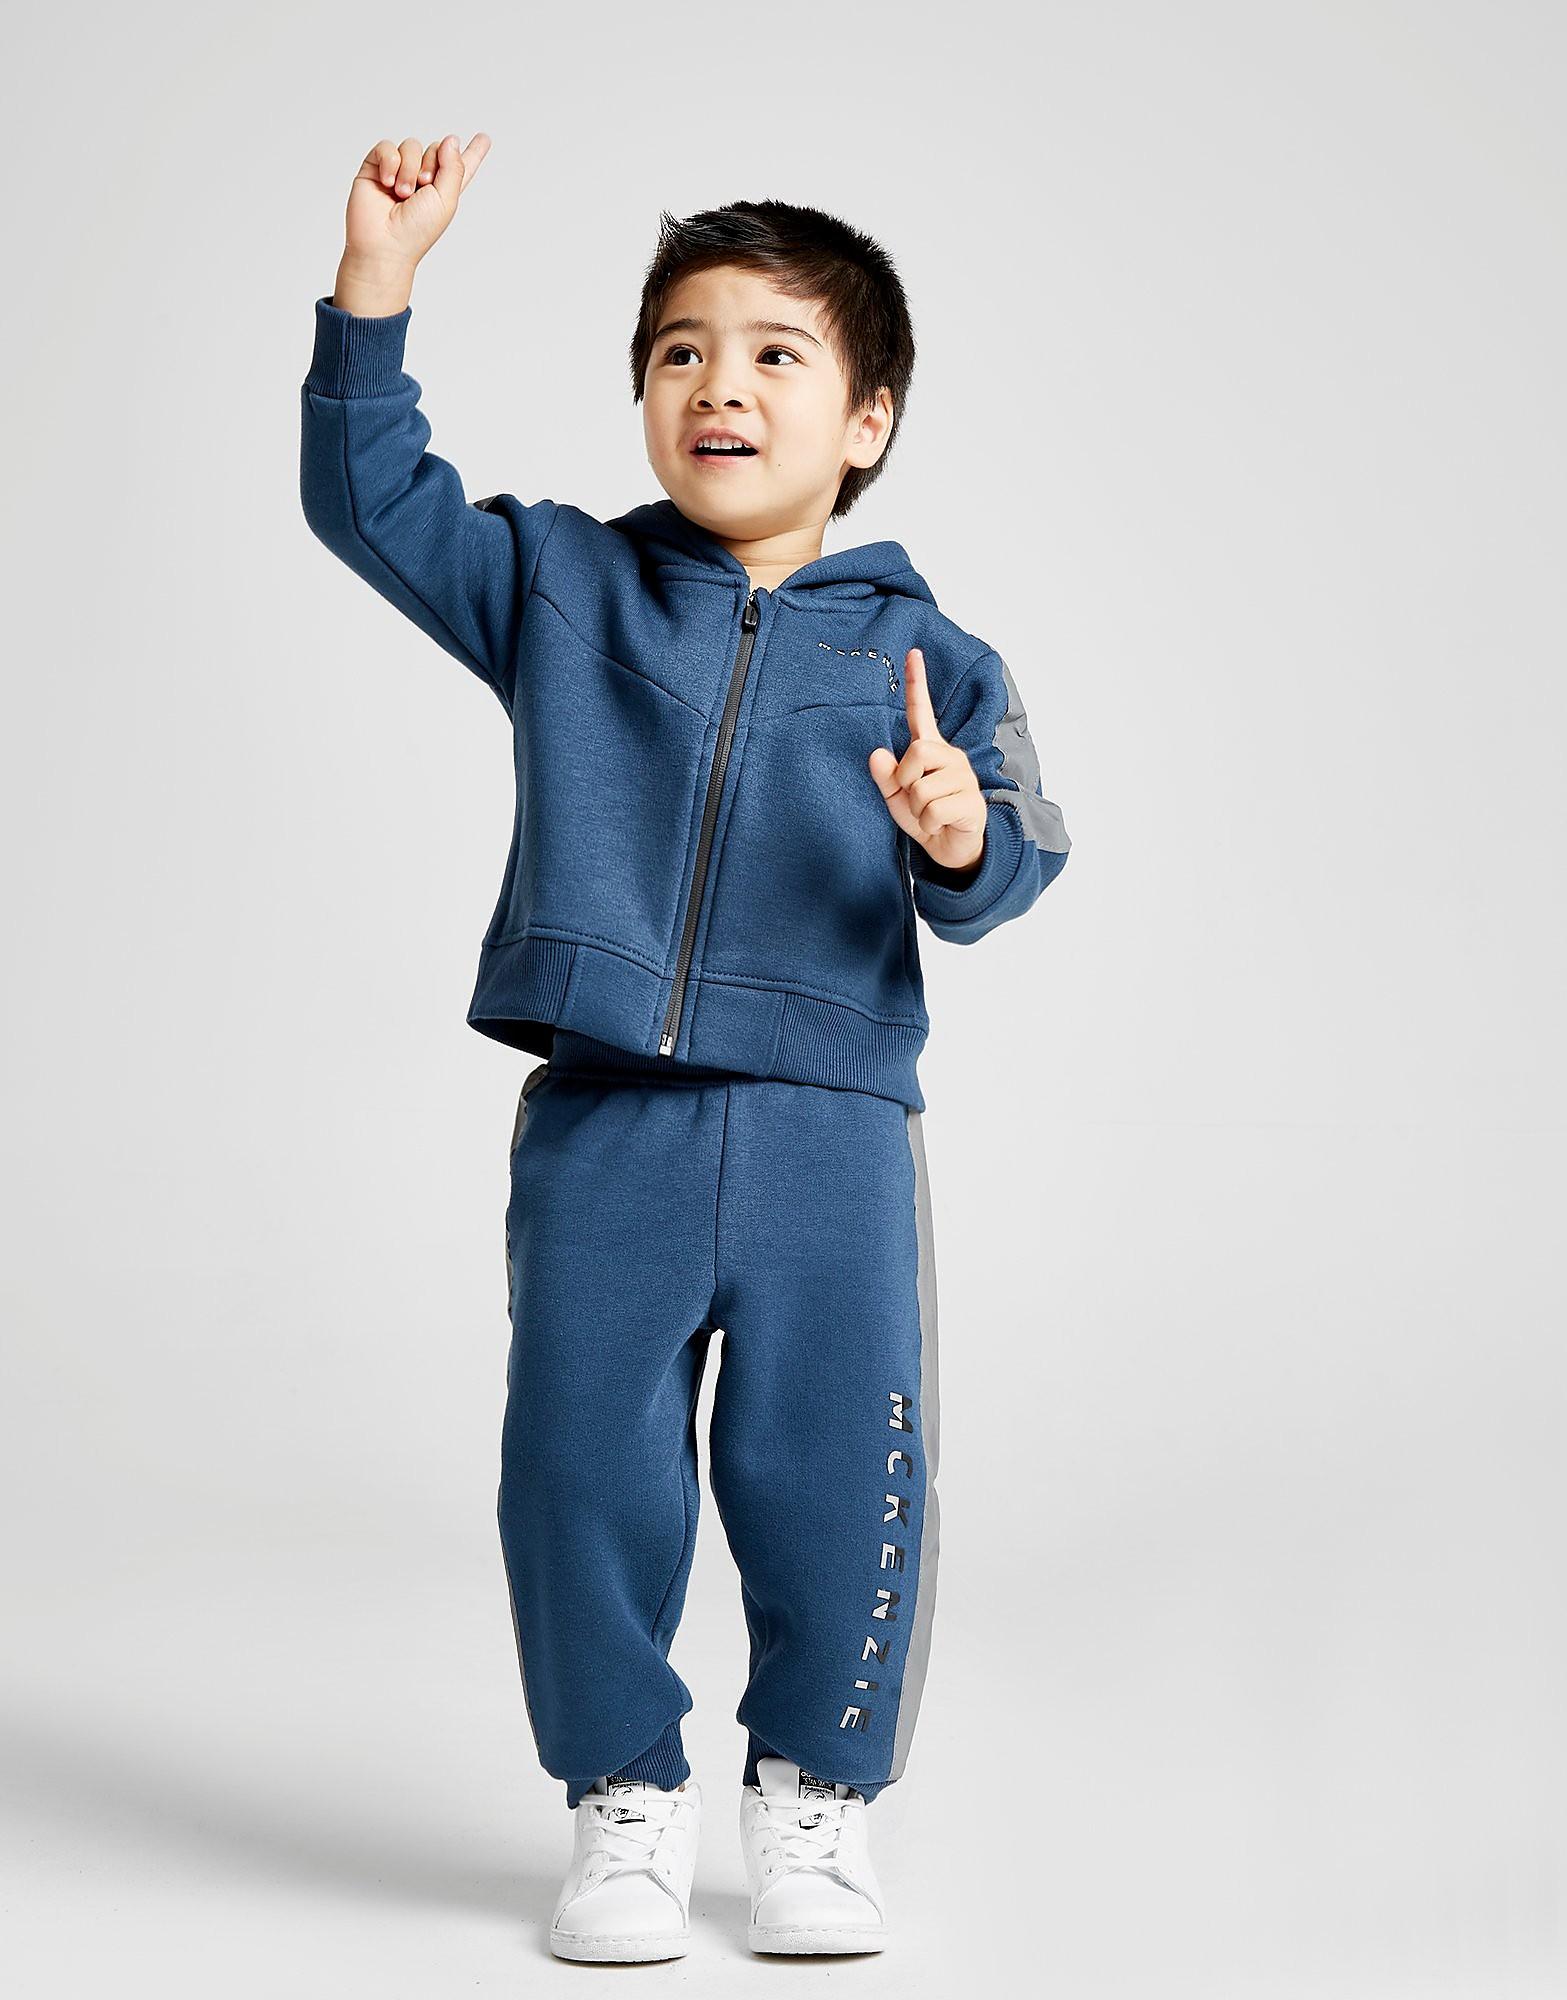 McKenzie Micro Rocket Full Zip Tracksuit Baby's - alleen bij JD - Blauw - Kind